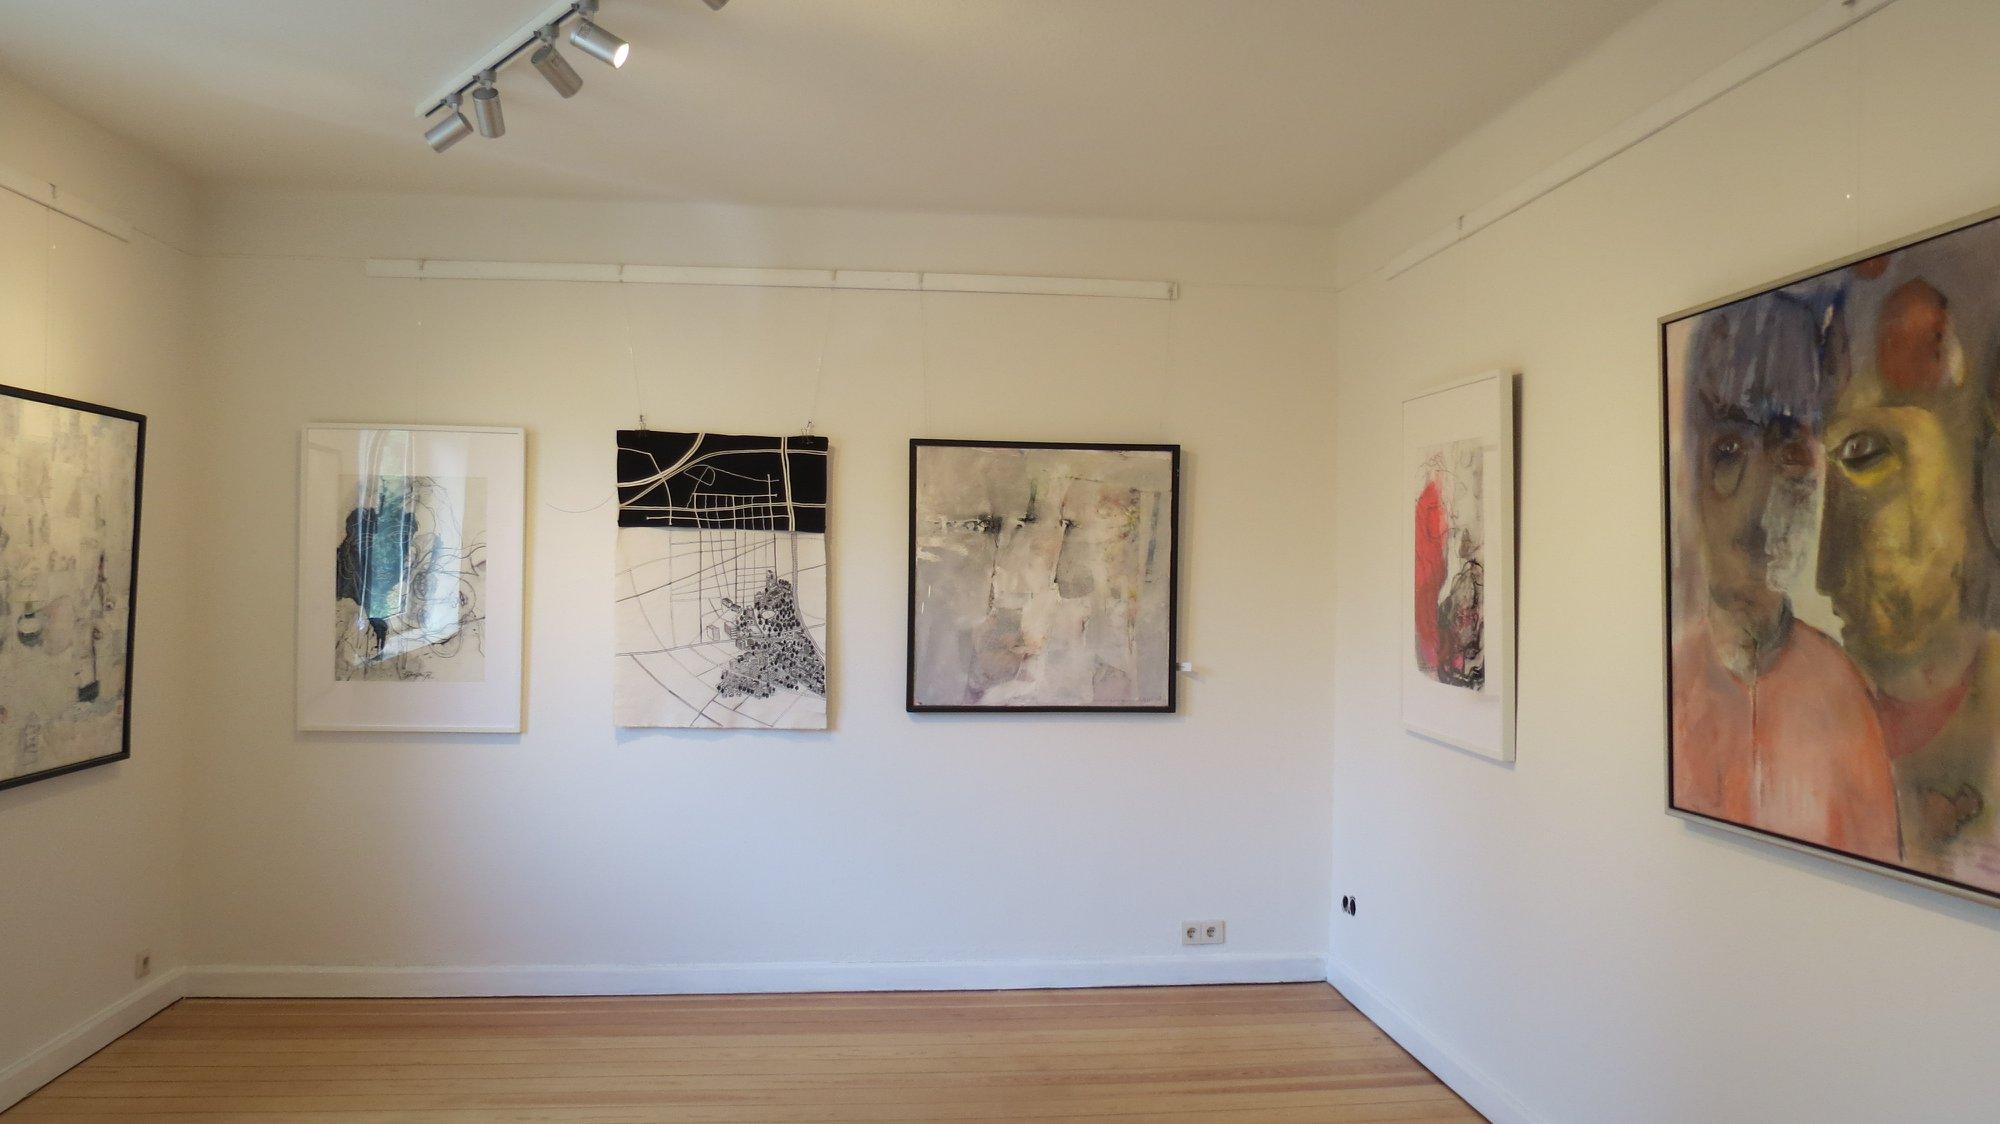 Mensch----Grenze Exhibition ATELIER4